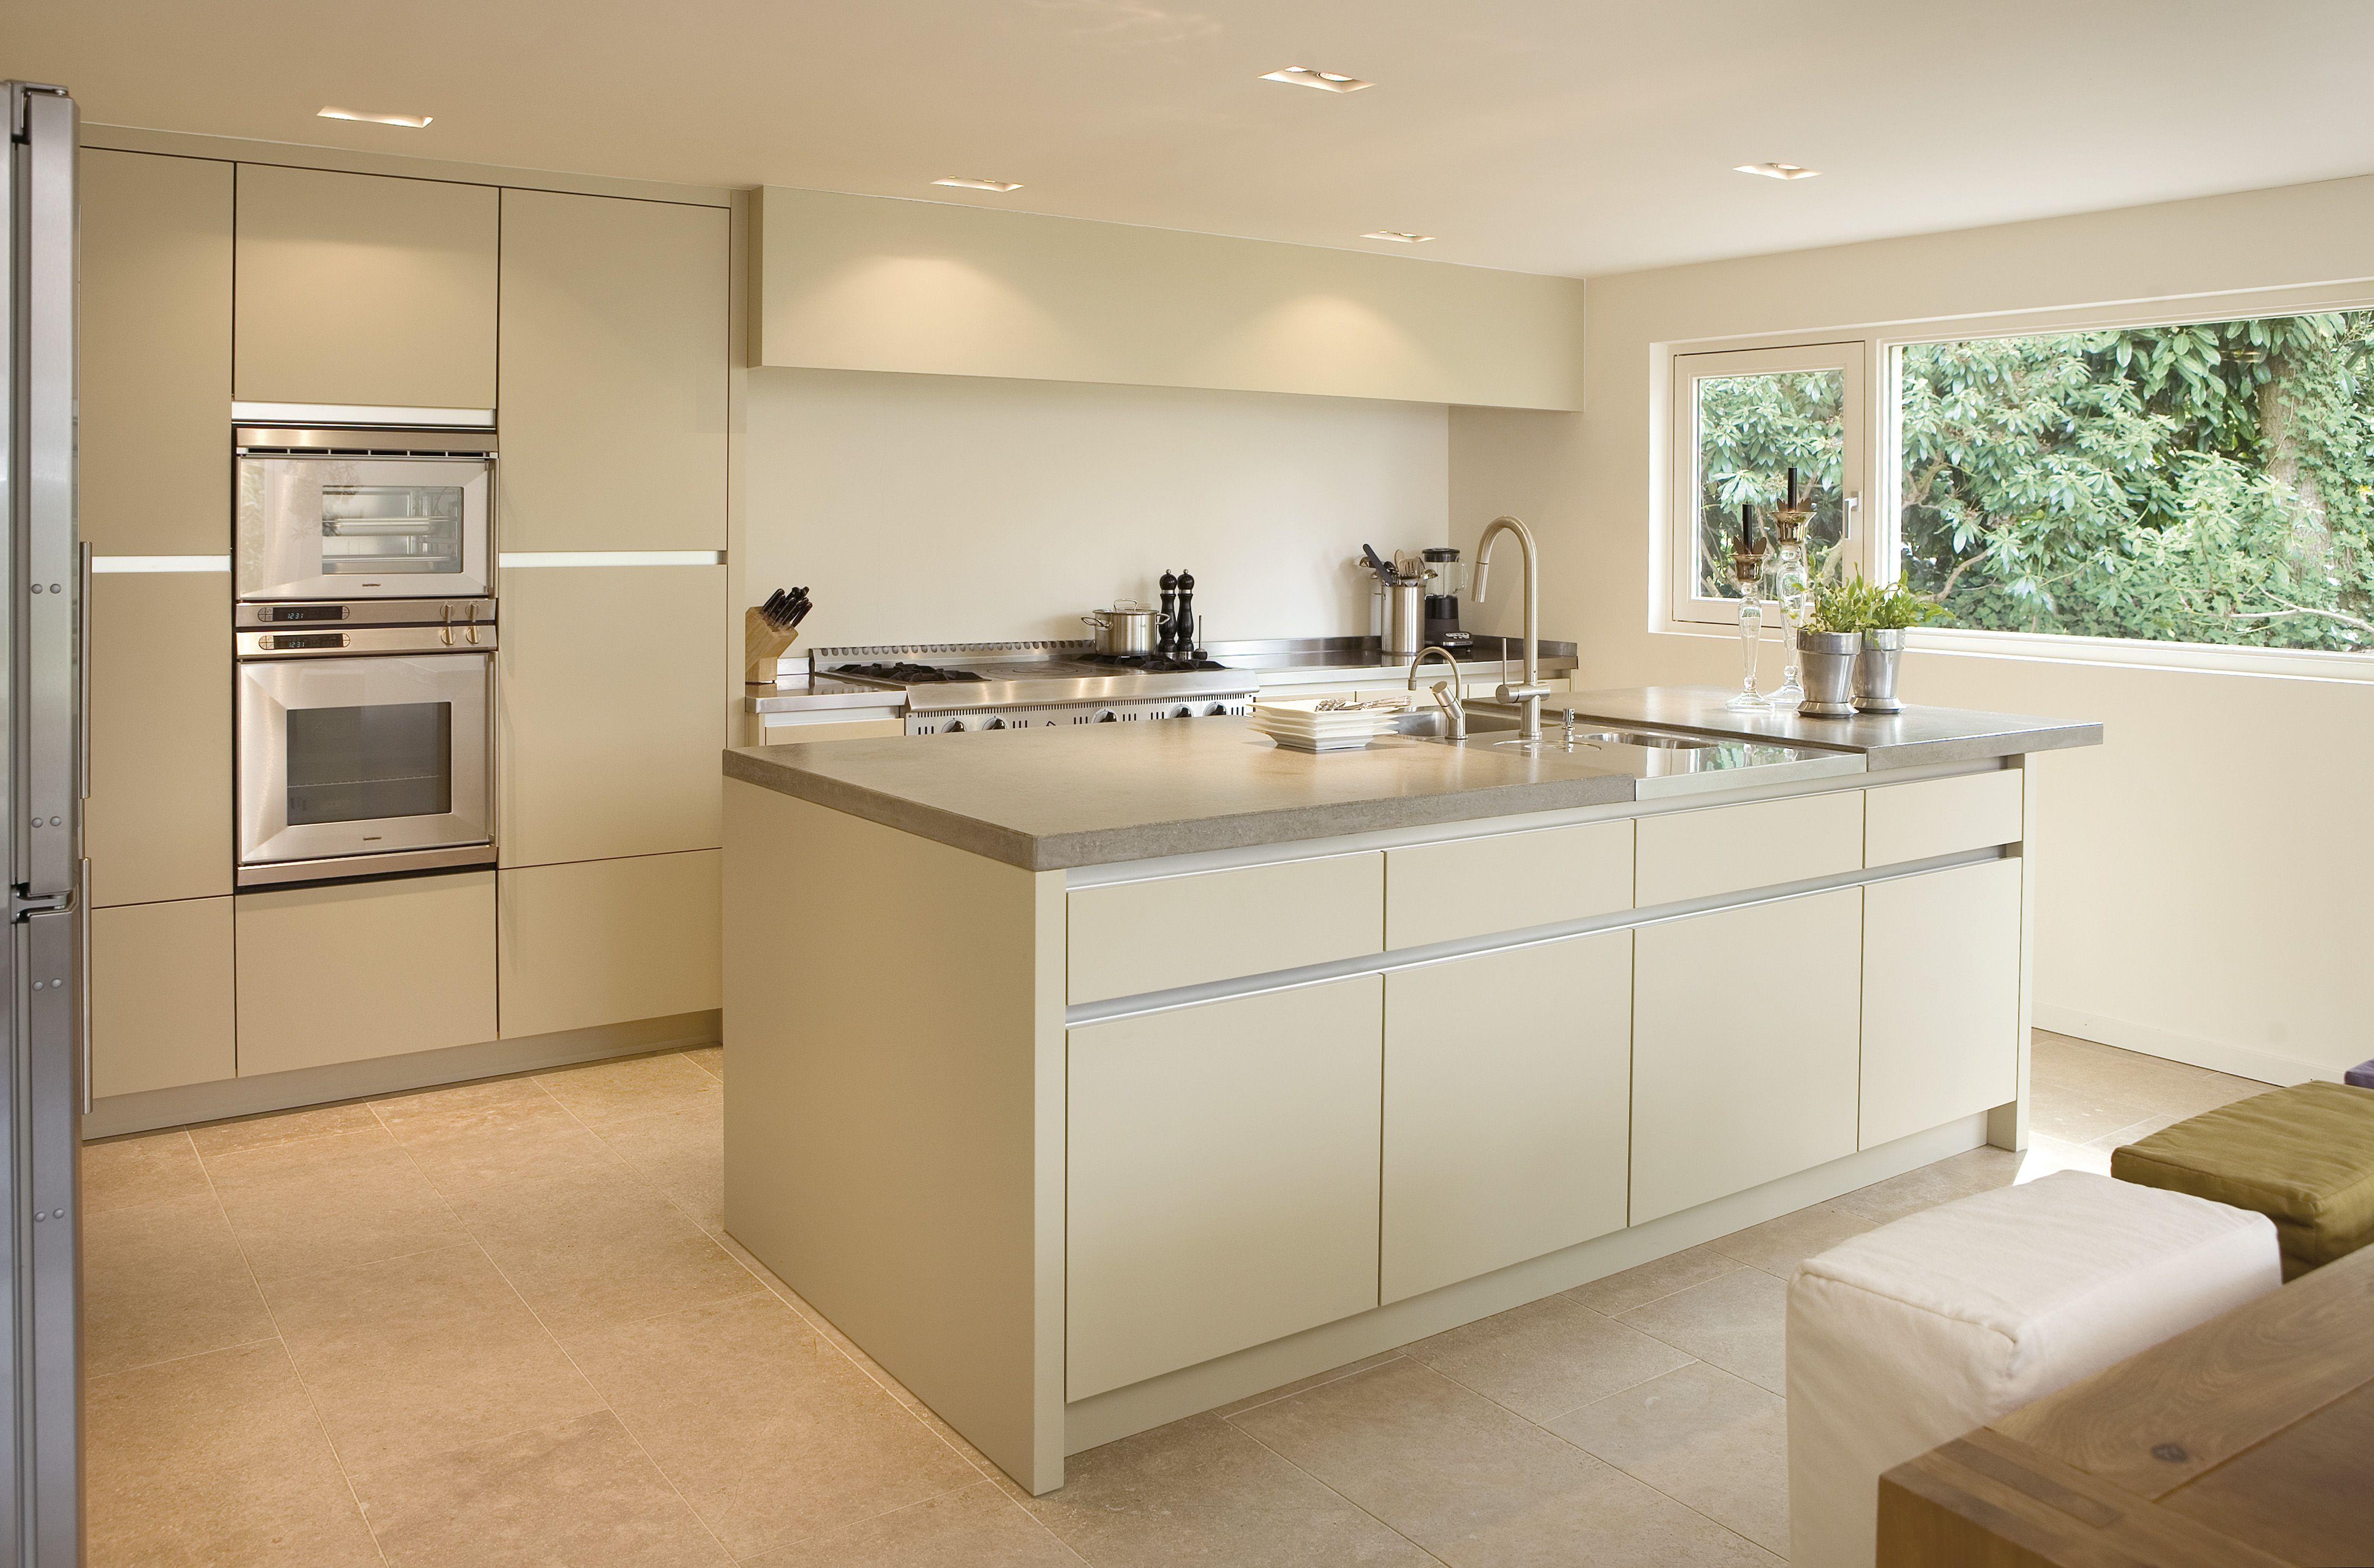 Afbeeldingsresultaat voor siematic keuken kookeiland keukens pinterest met en zoeken - Open keuken met kookeiland ...